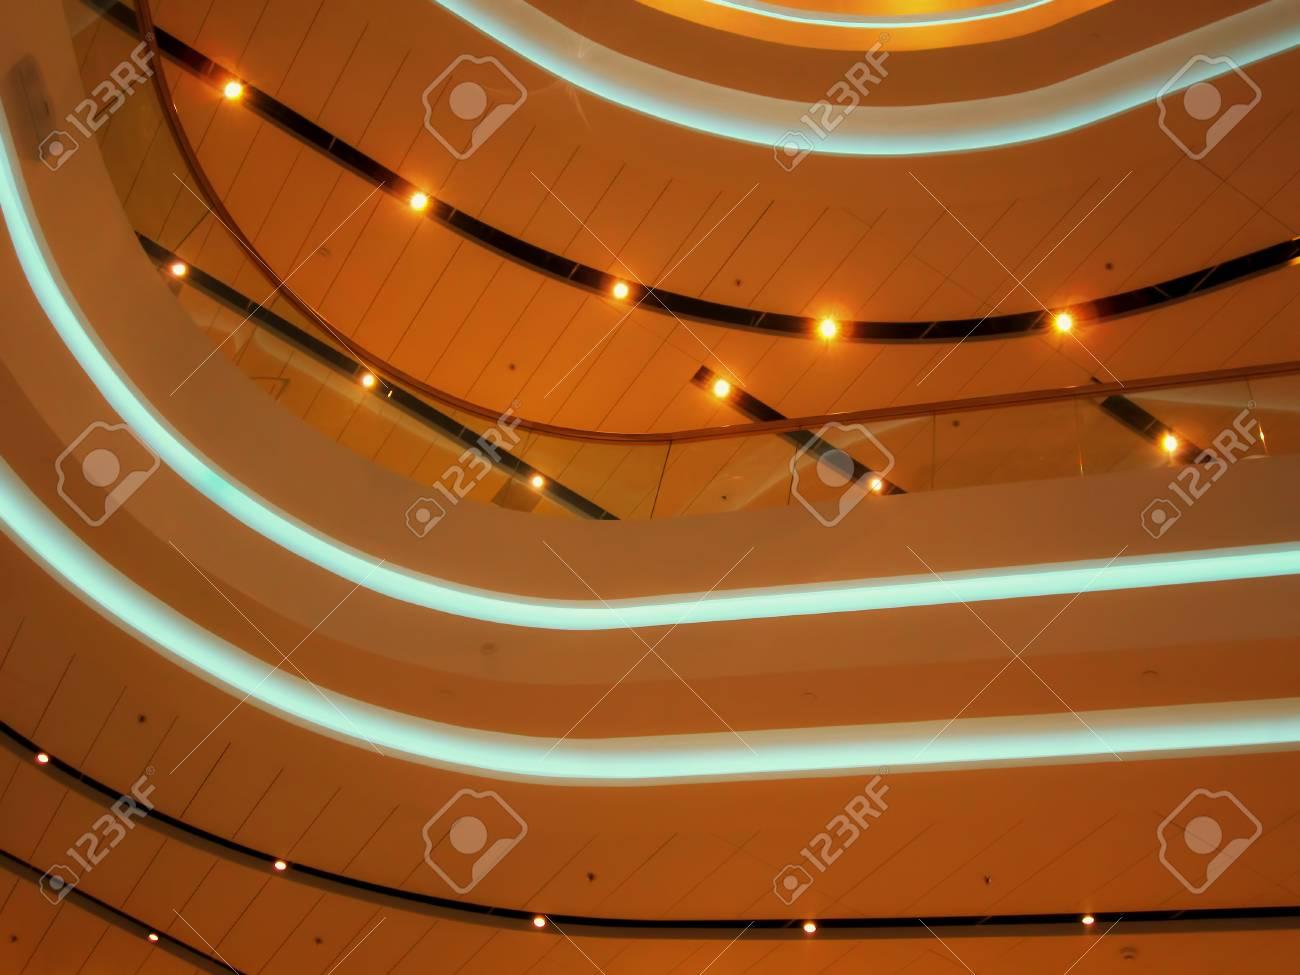 Plafoniere Con Lampadine : Lampadine sul soffitto del central department store tsum